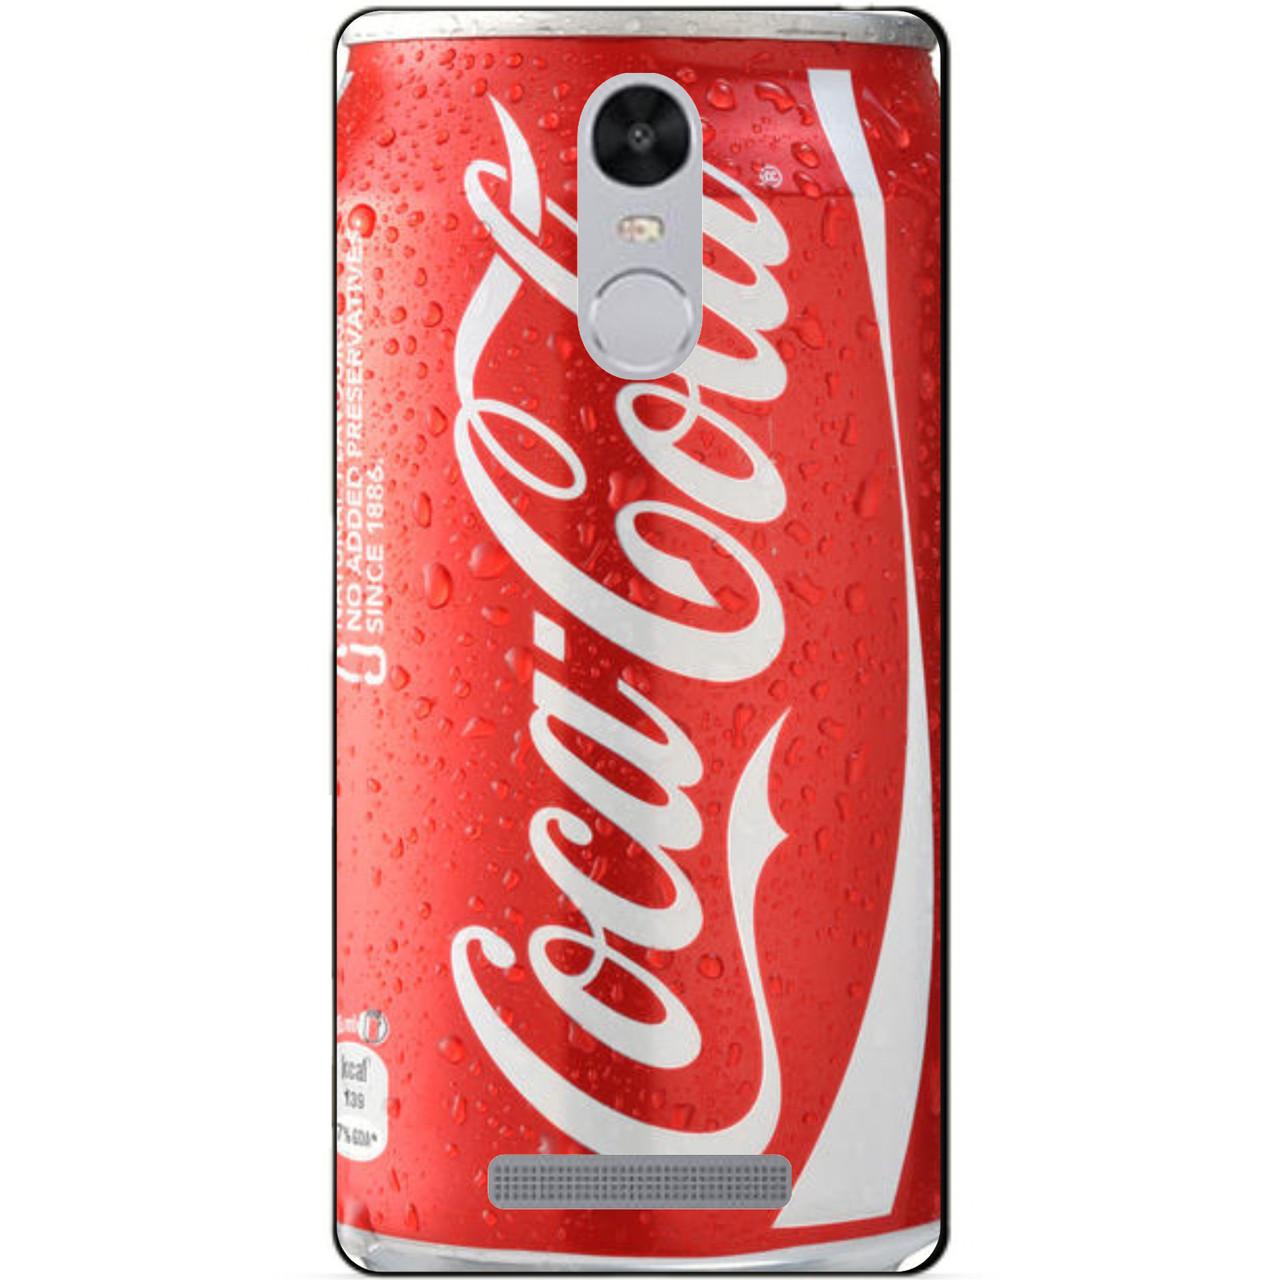 Силиконовый чехол для Xiaomi Redmi Note 3 с рисунком Coca-Cola